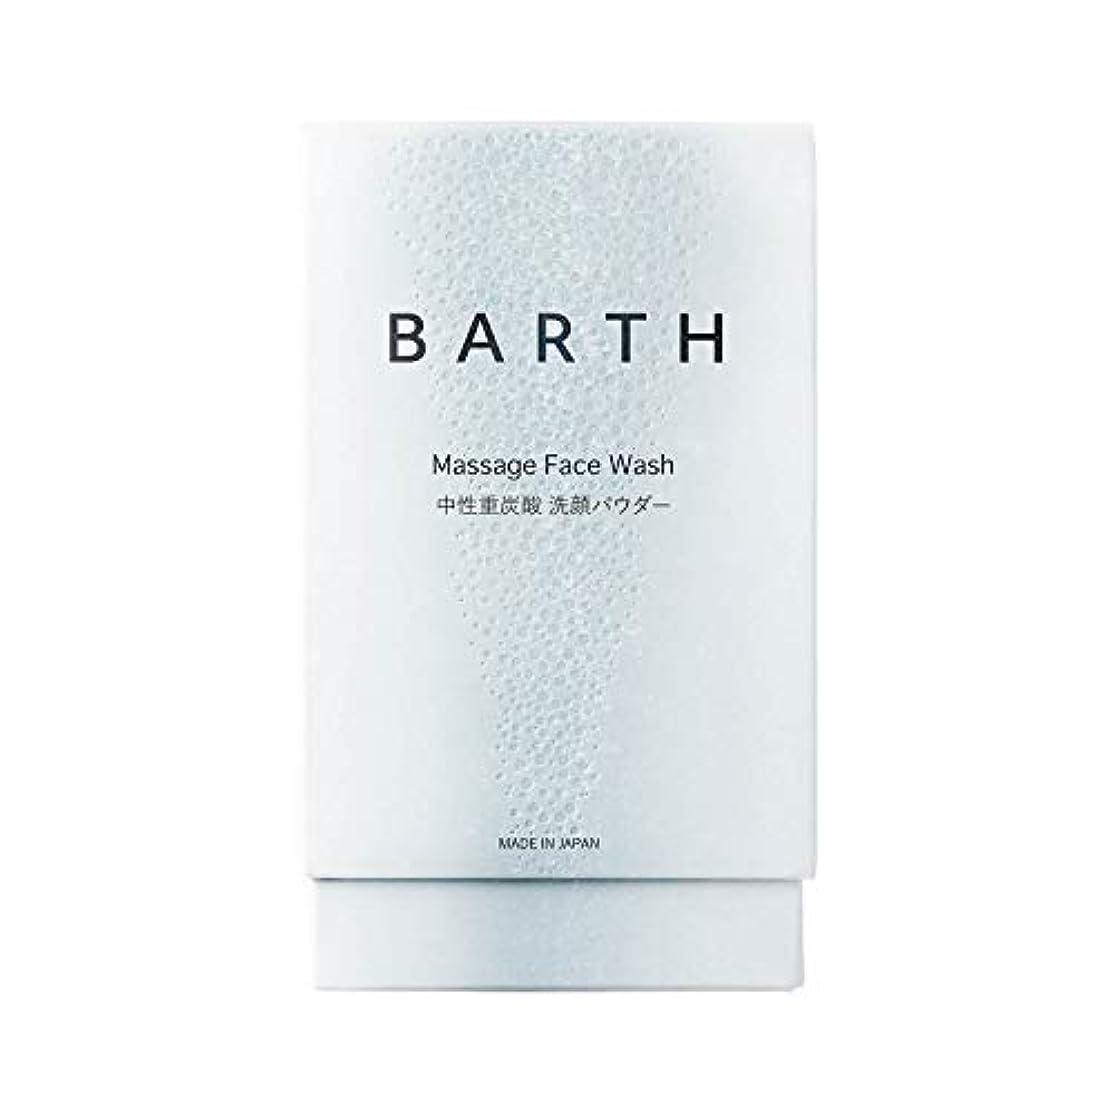 サリー化学薬品オーチャードBARTH【バース】中性 重炭酸 洗顔パウダー 30包タイプ(無添加 炭酸パック 洗顔料 個包装タイプ)